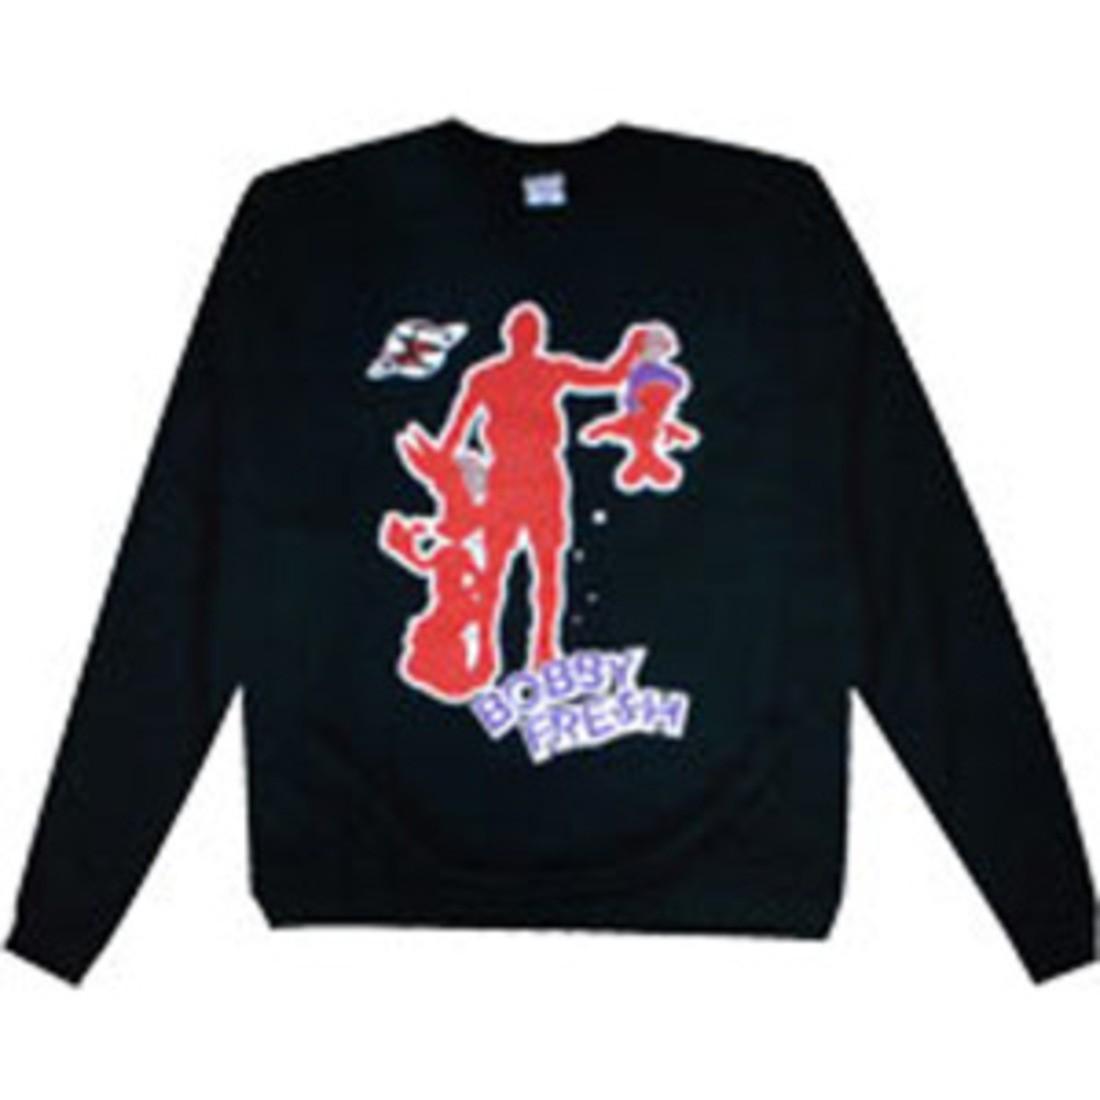 フレッシュ 黒 ブラック 【 BLACK BOBBY FRESH SPACEJ SWEATER 】 メンズファッション トップス Tシャツ カットソー